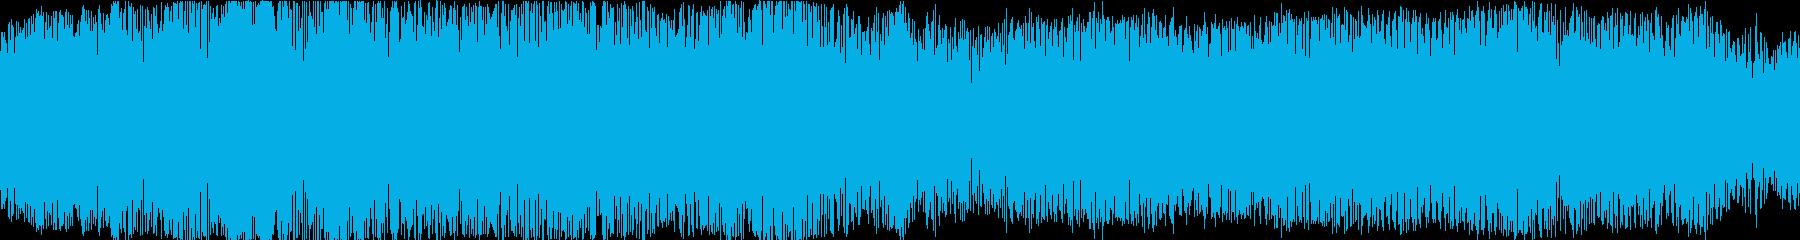 ダークで怖いホラー向けなBGMの再生済みの波形